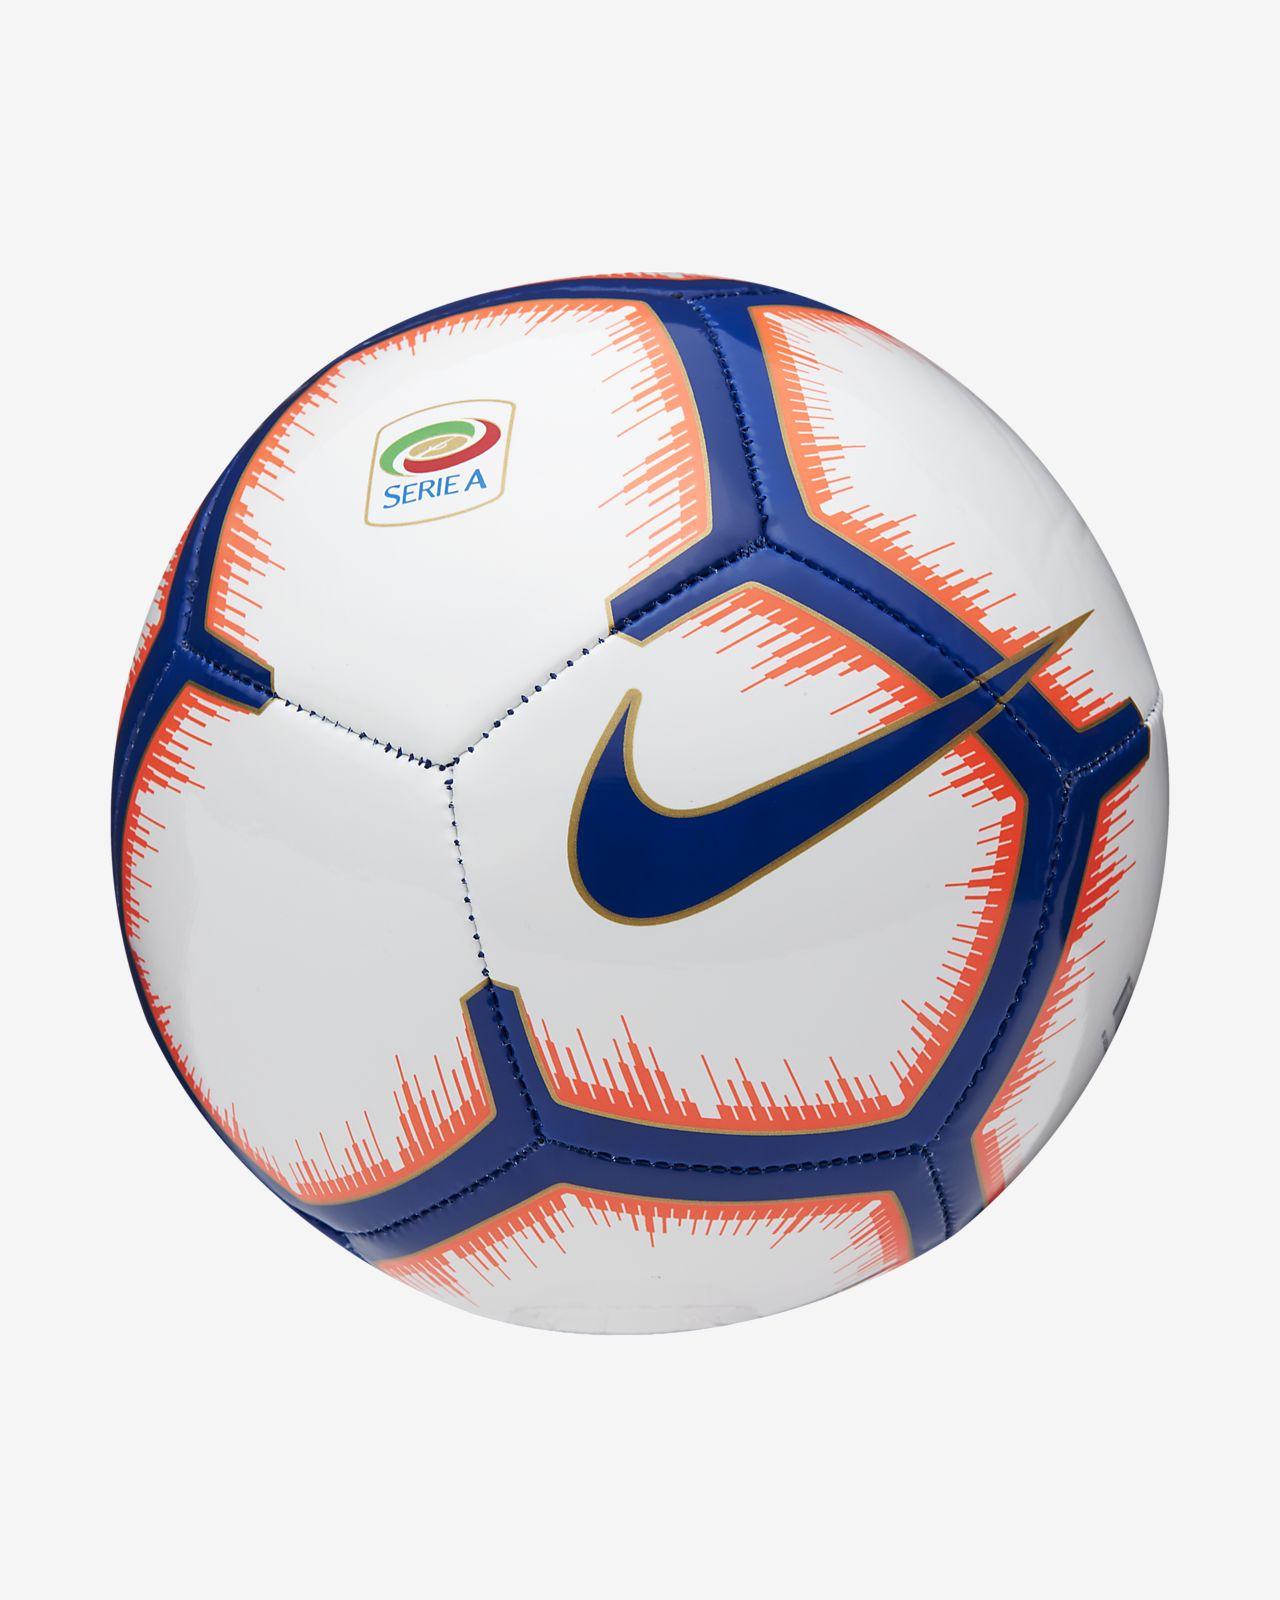 Balón de fútbol Serie A Skills